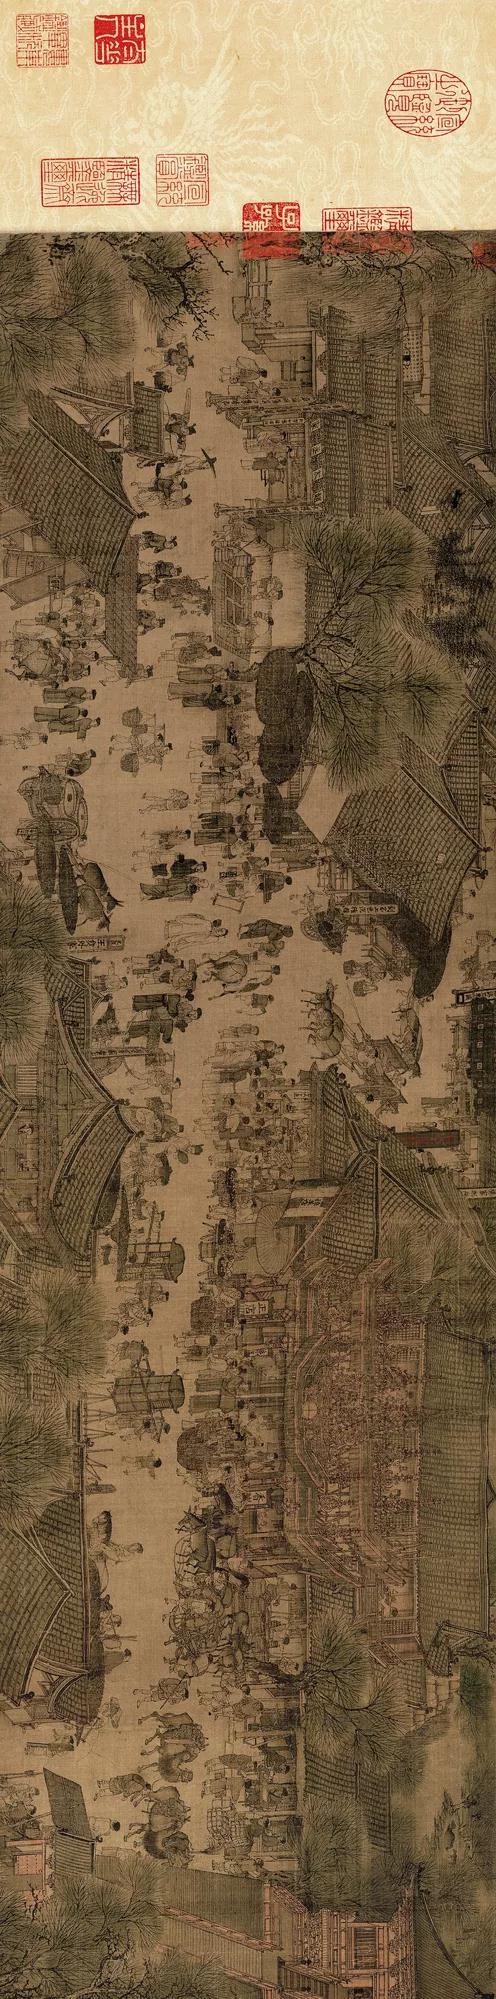 重新认识界画从《清明上河图》开始